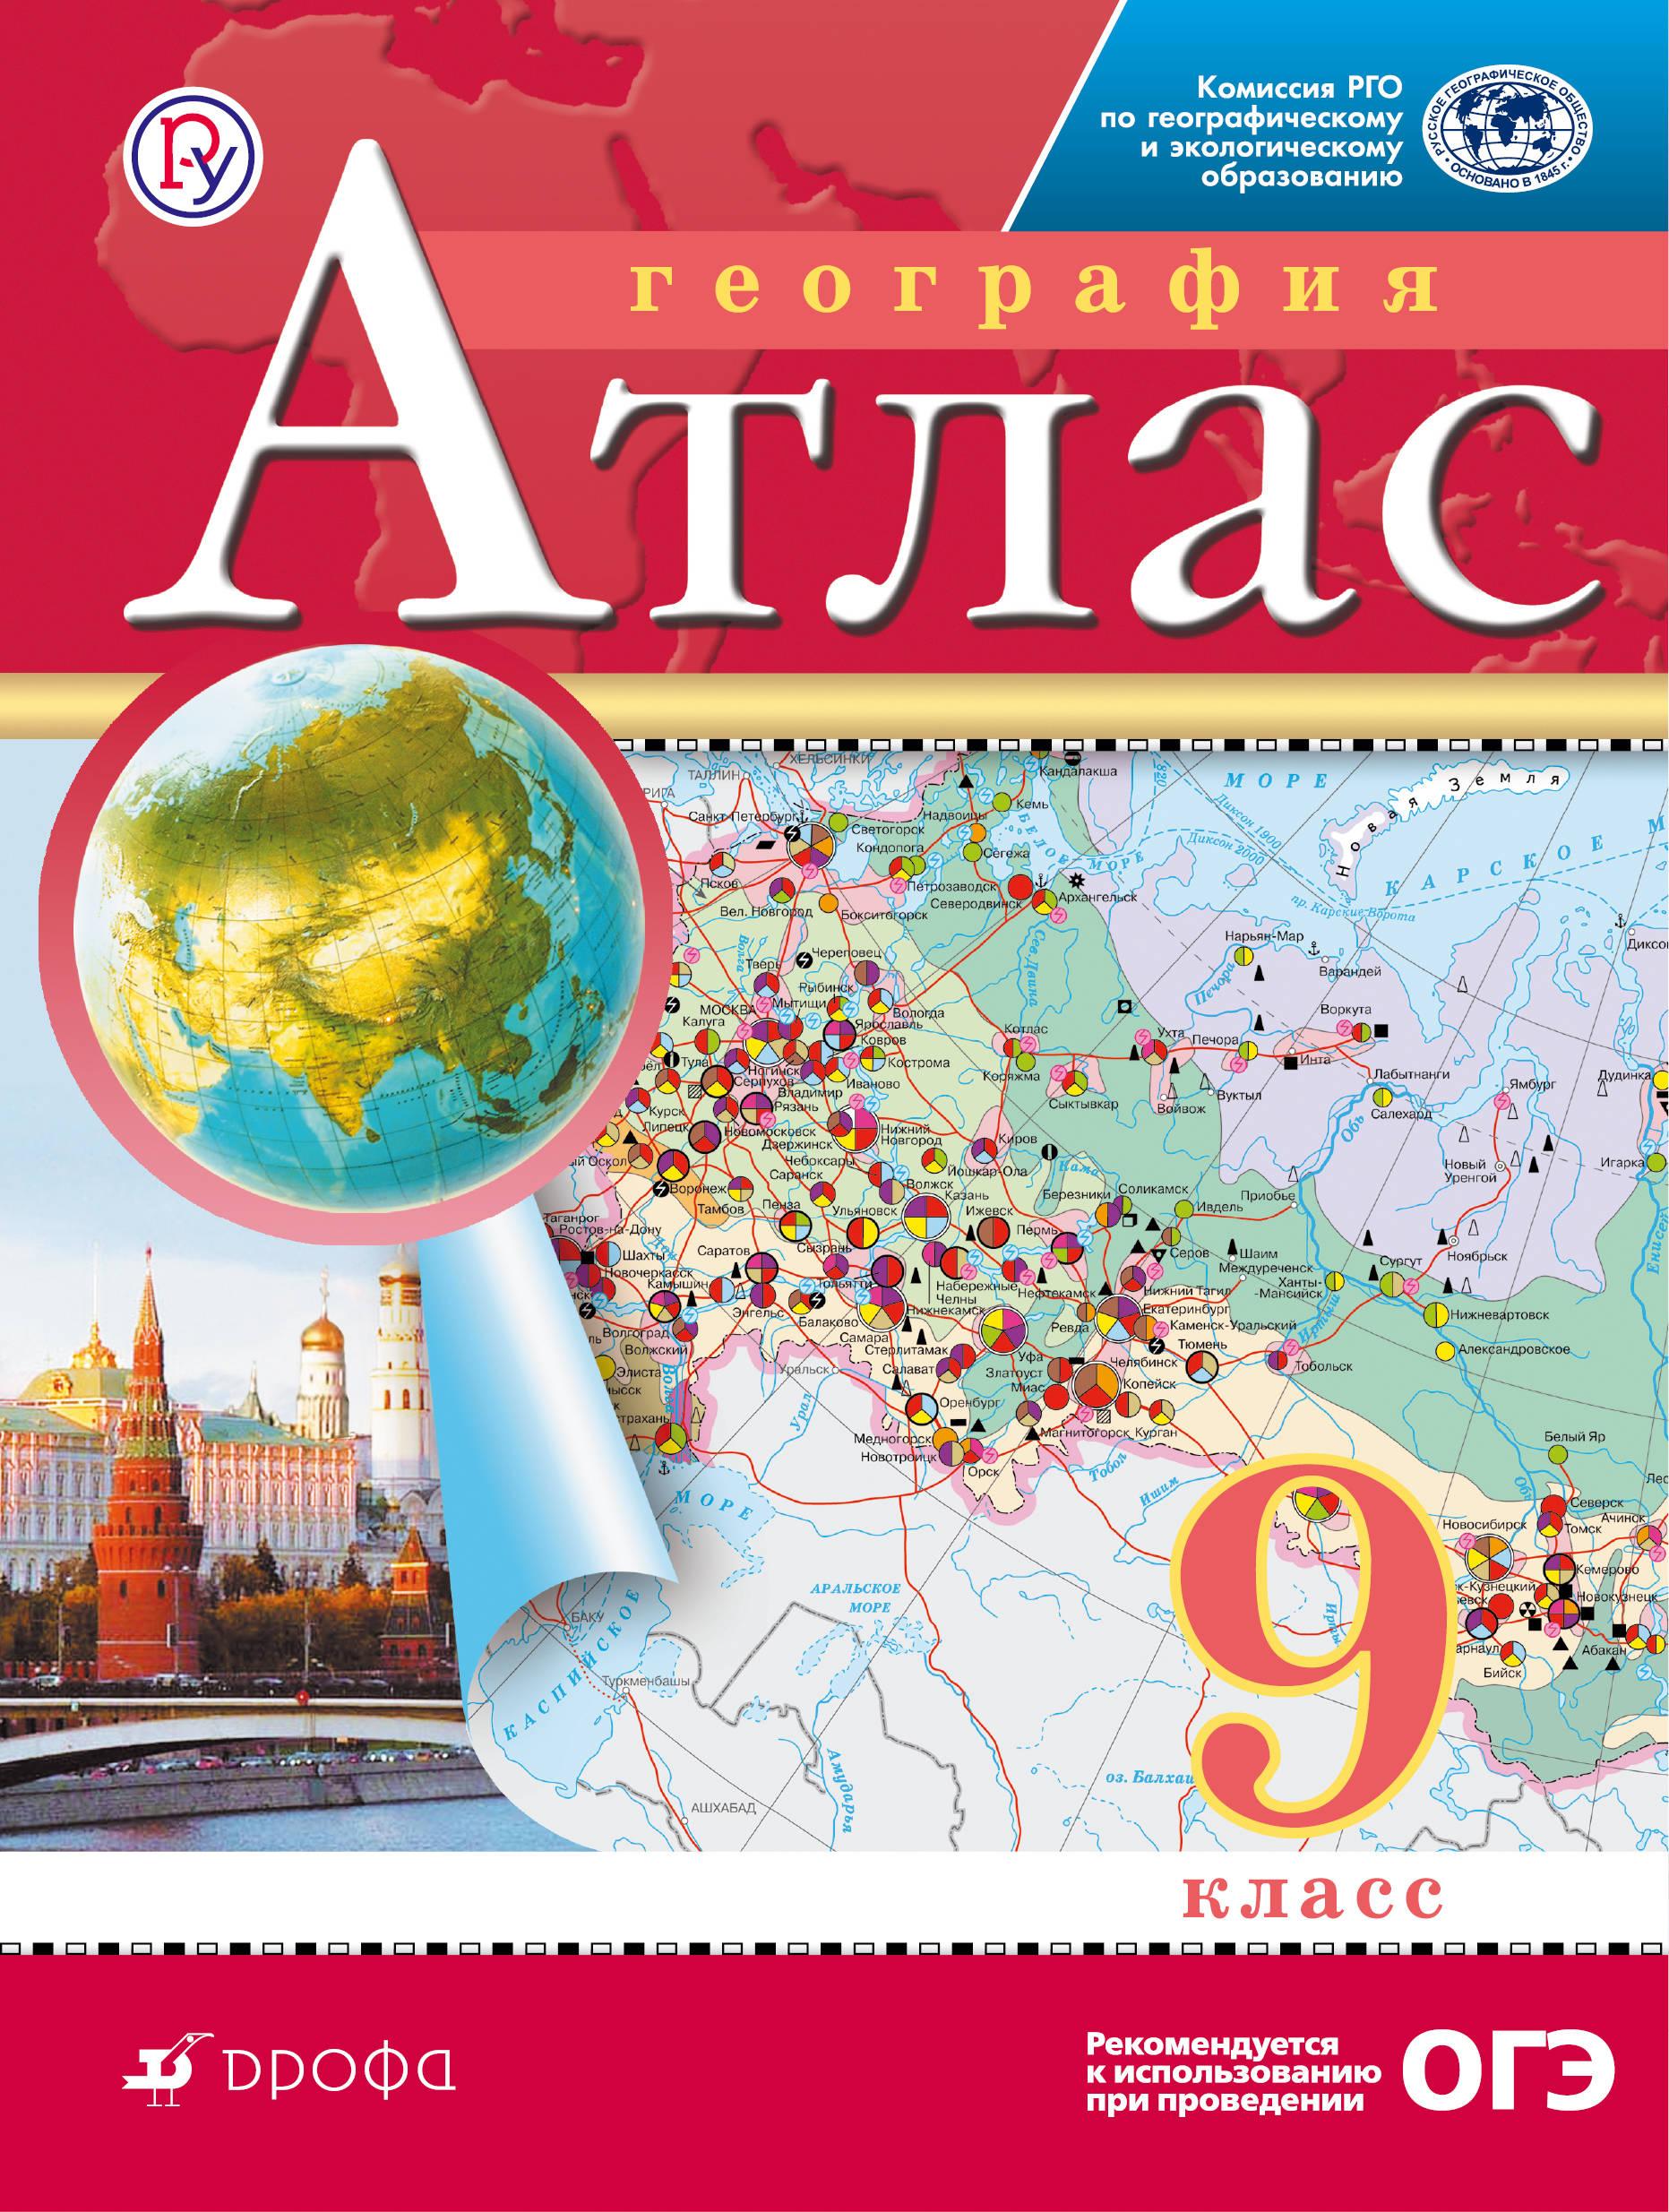 География. 9 класс. Атлас. (Традиционный комплект)(РГО) география 10 11 классы атлас традиционный комплект рго